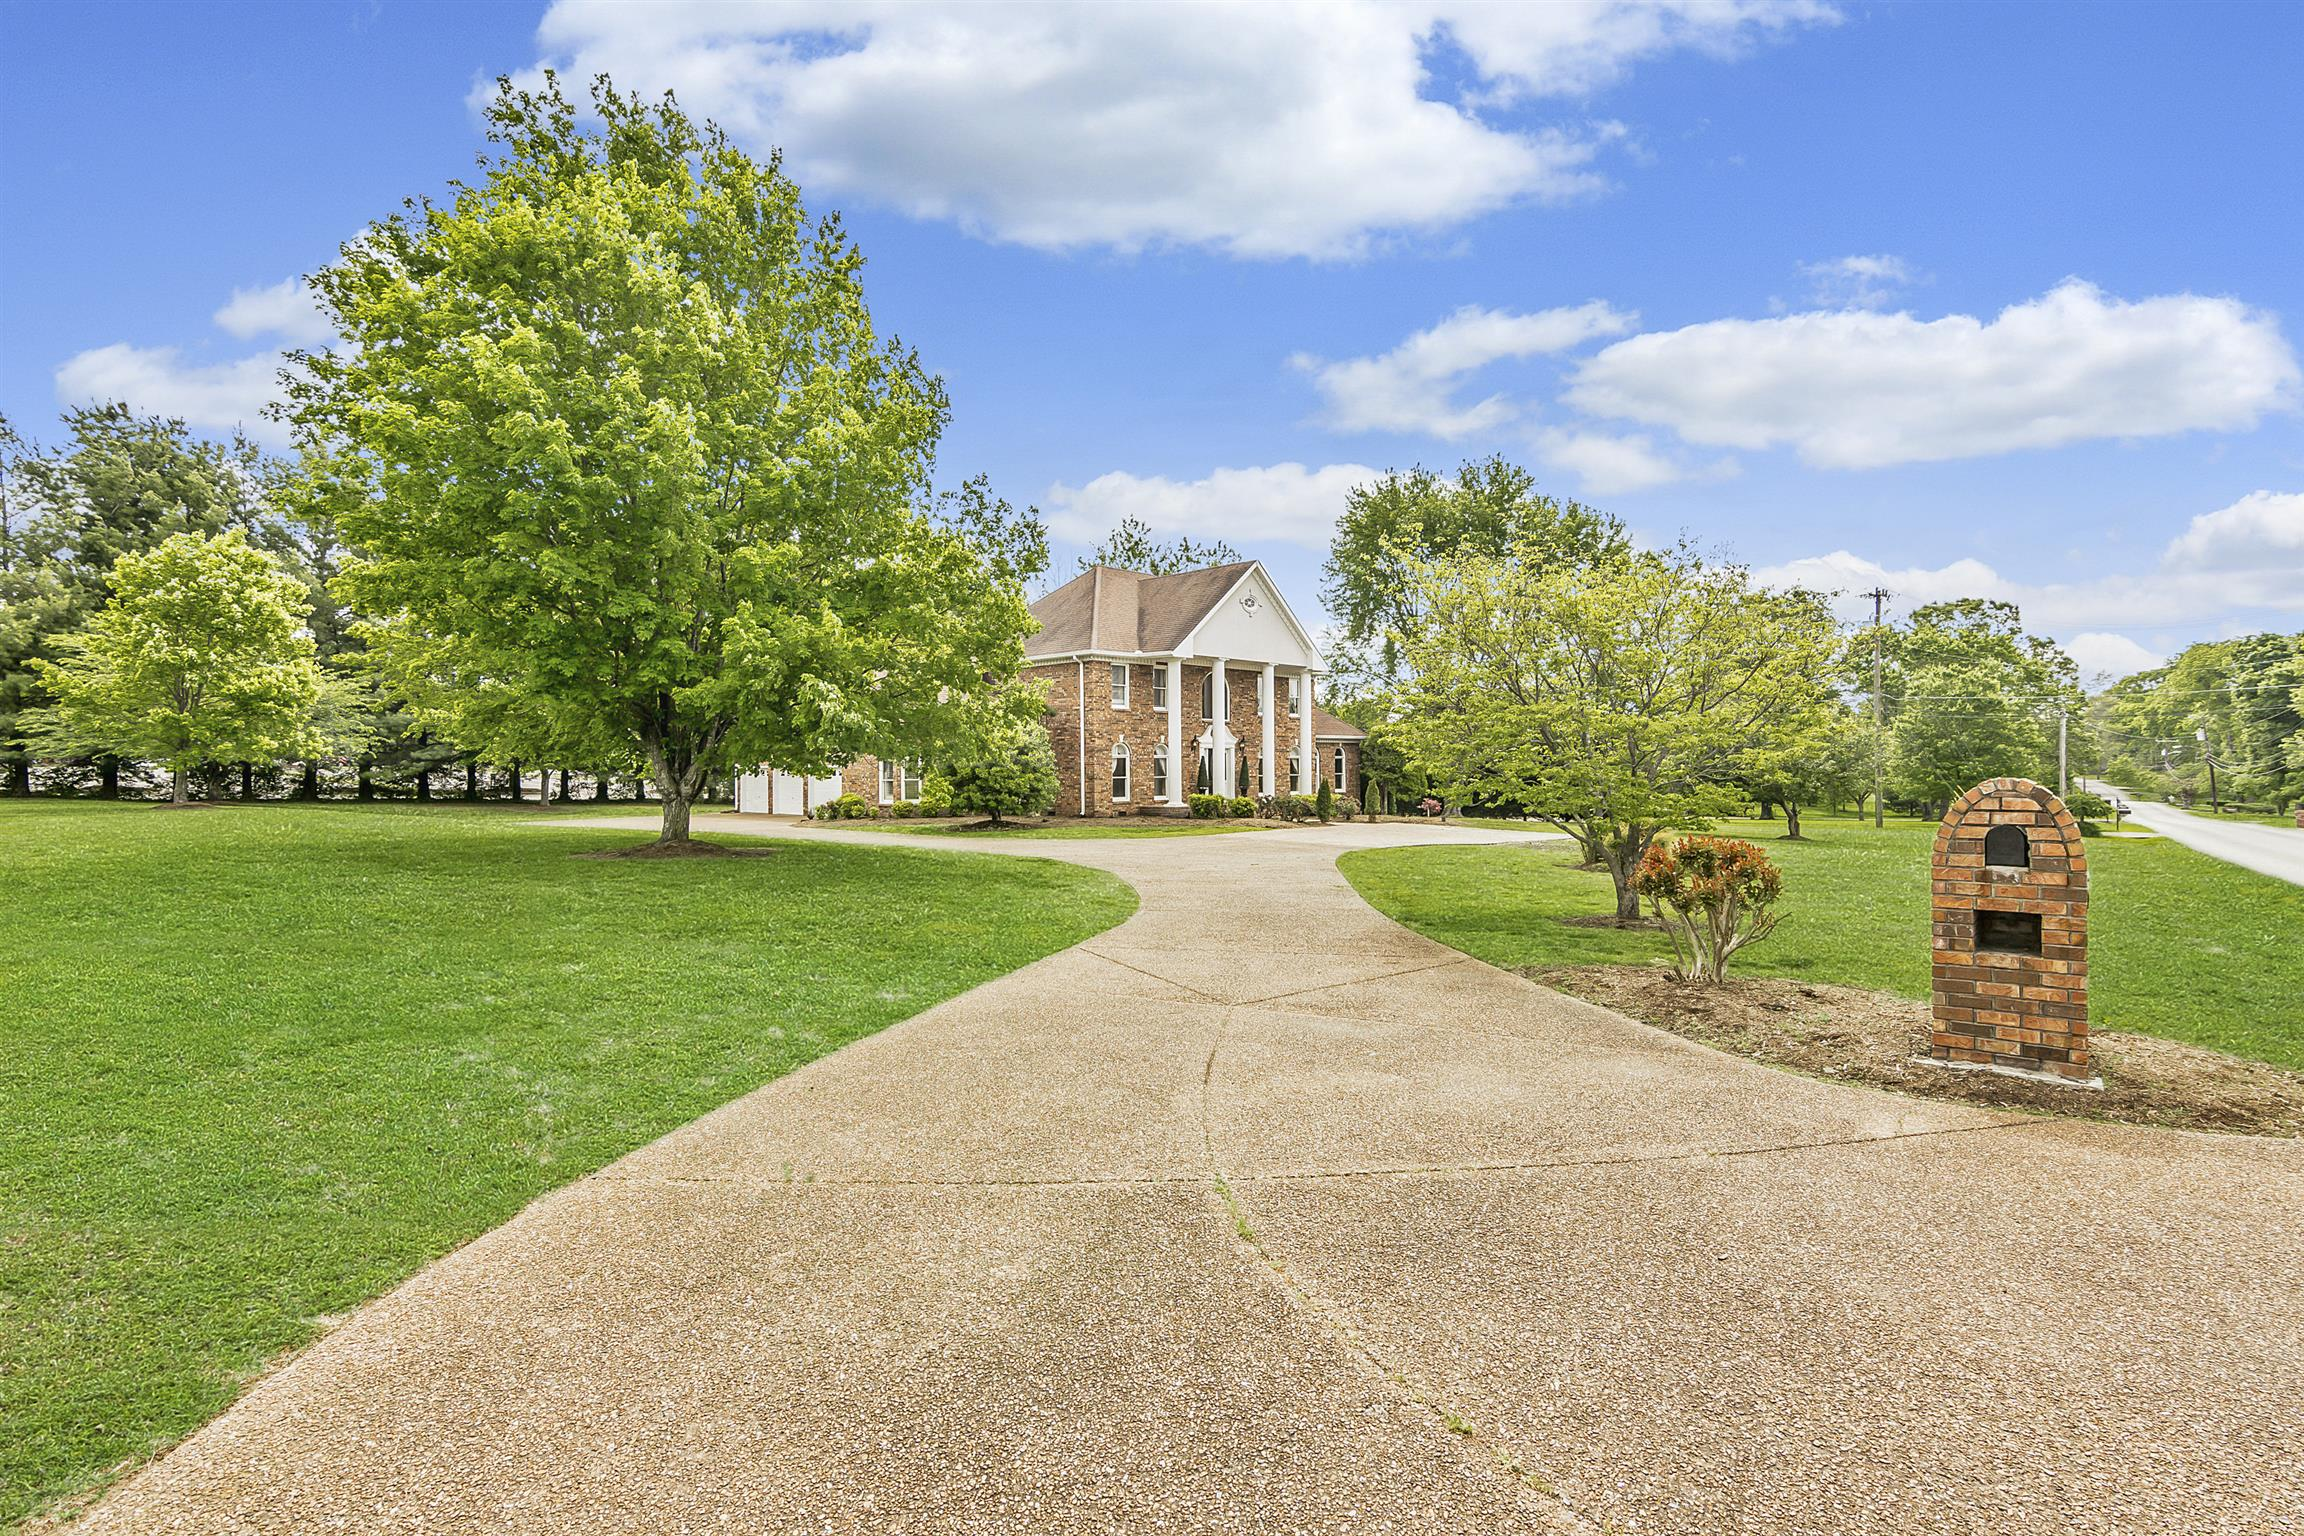 135 Bluegrass Dr, Hendersonville, TN 37075 - Hendersonville, TN real estate listing